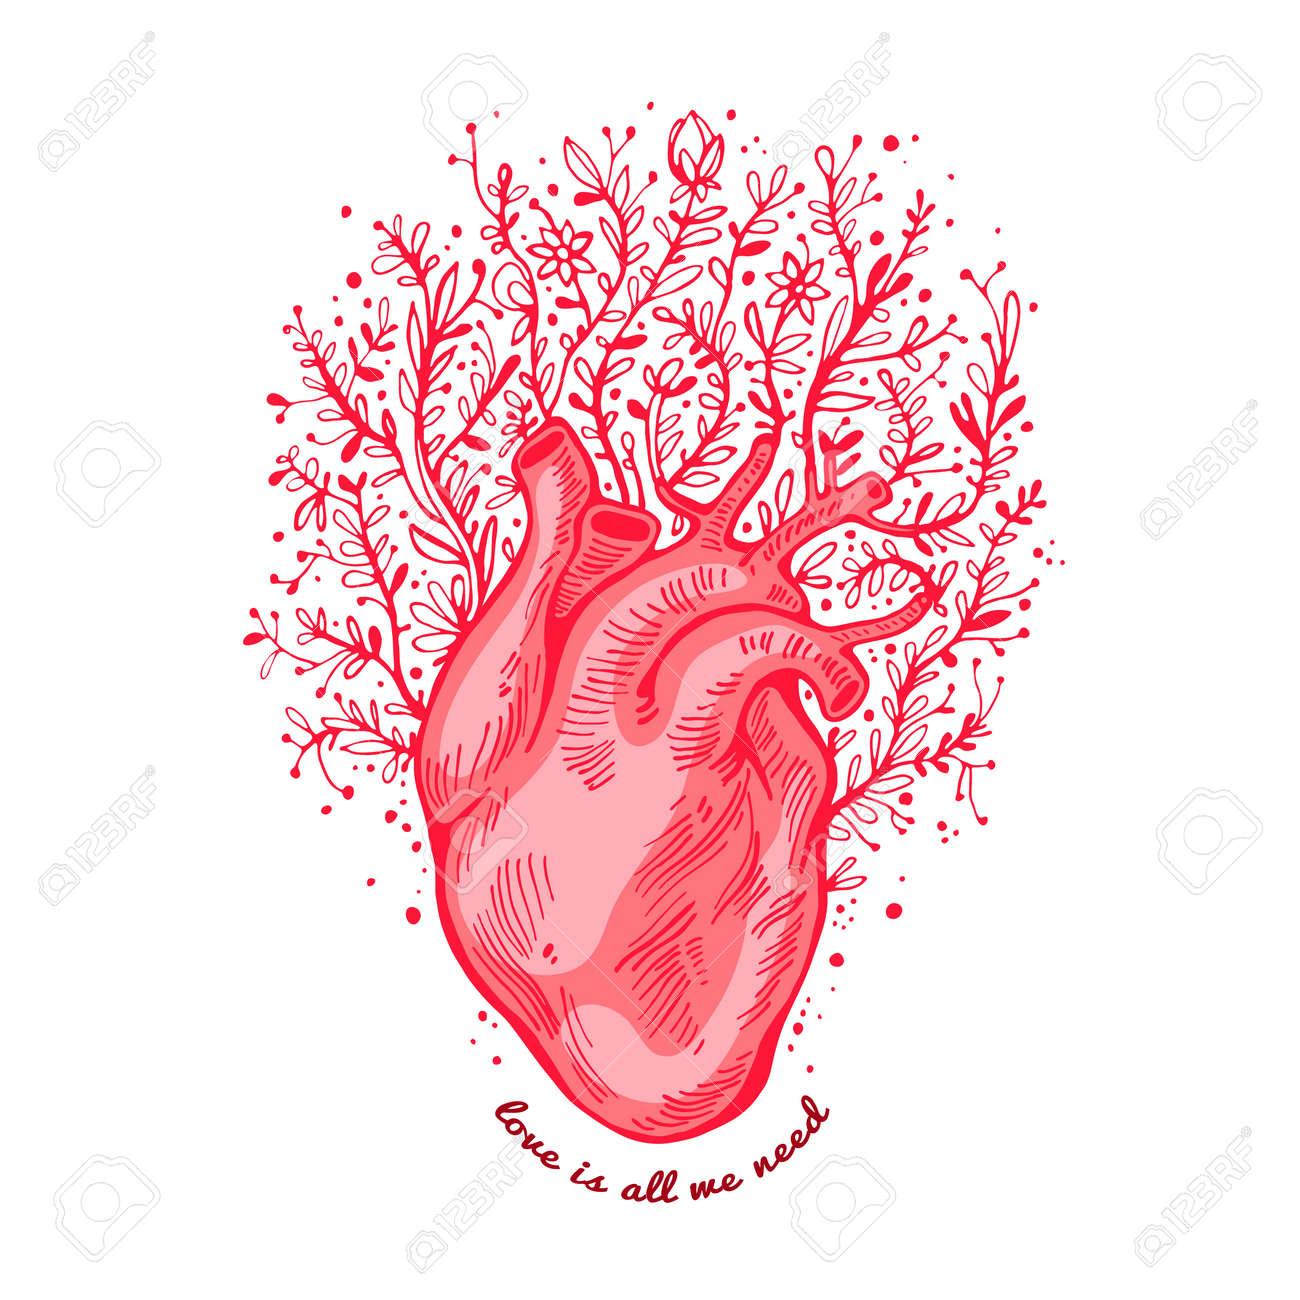 Corazón Anatómico Con Flores. El Amor De Tagline Es Todo Lo Que ...